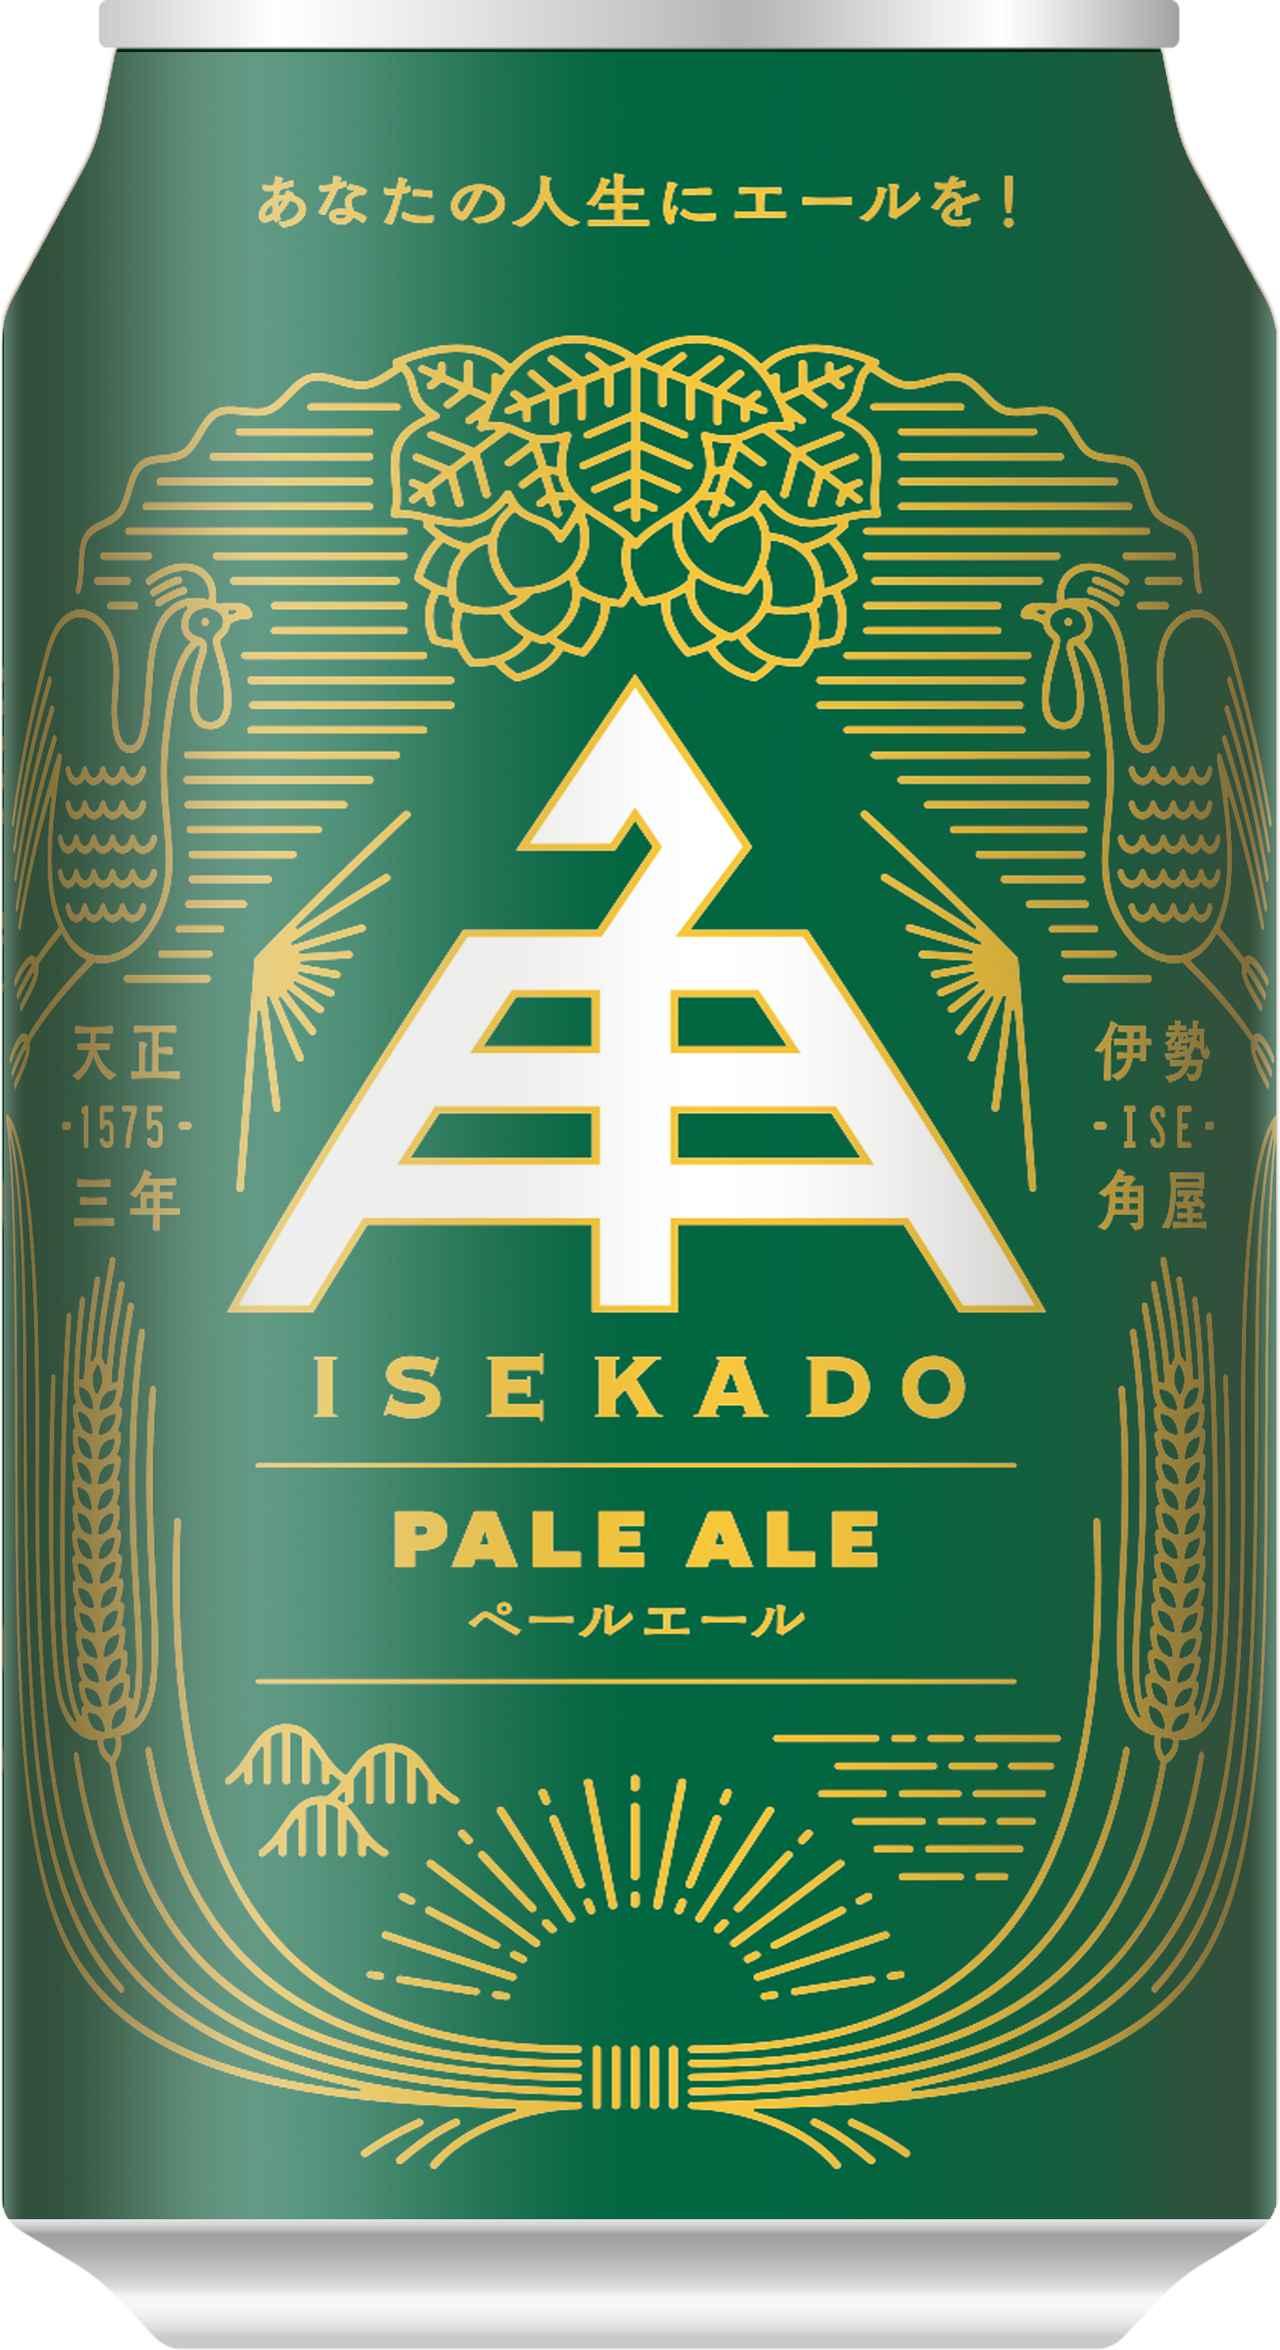 画像: アルコール度数:5.0% IBU:35 メーカー直販価格:345円(税別)